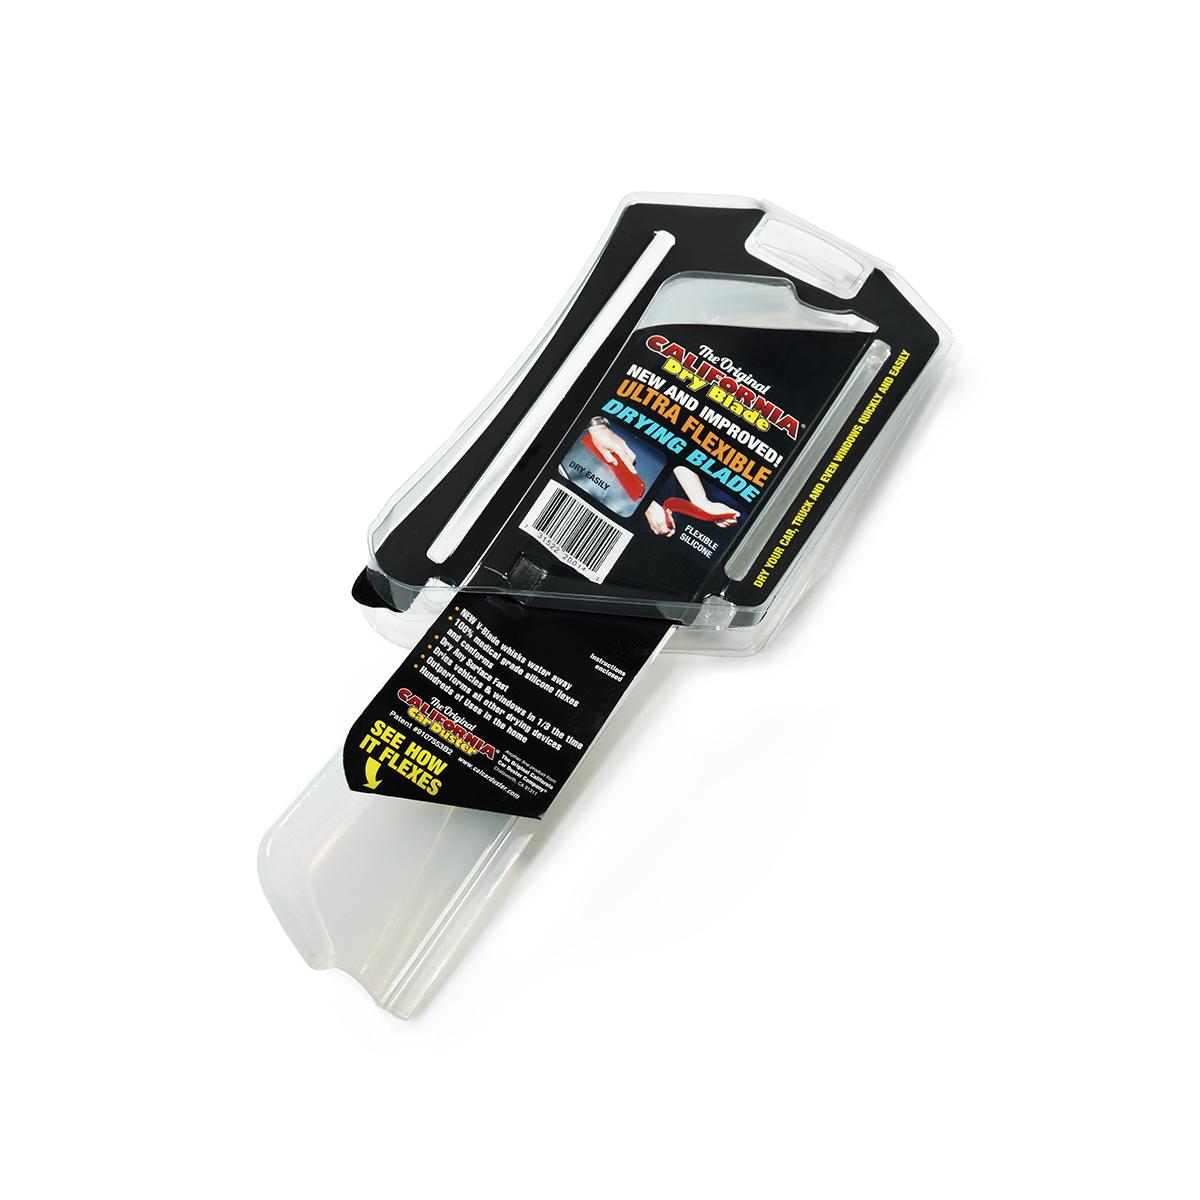 AIRMKT eCom Clear Dry Blade